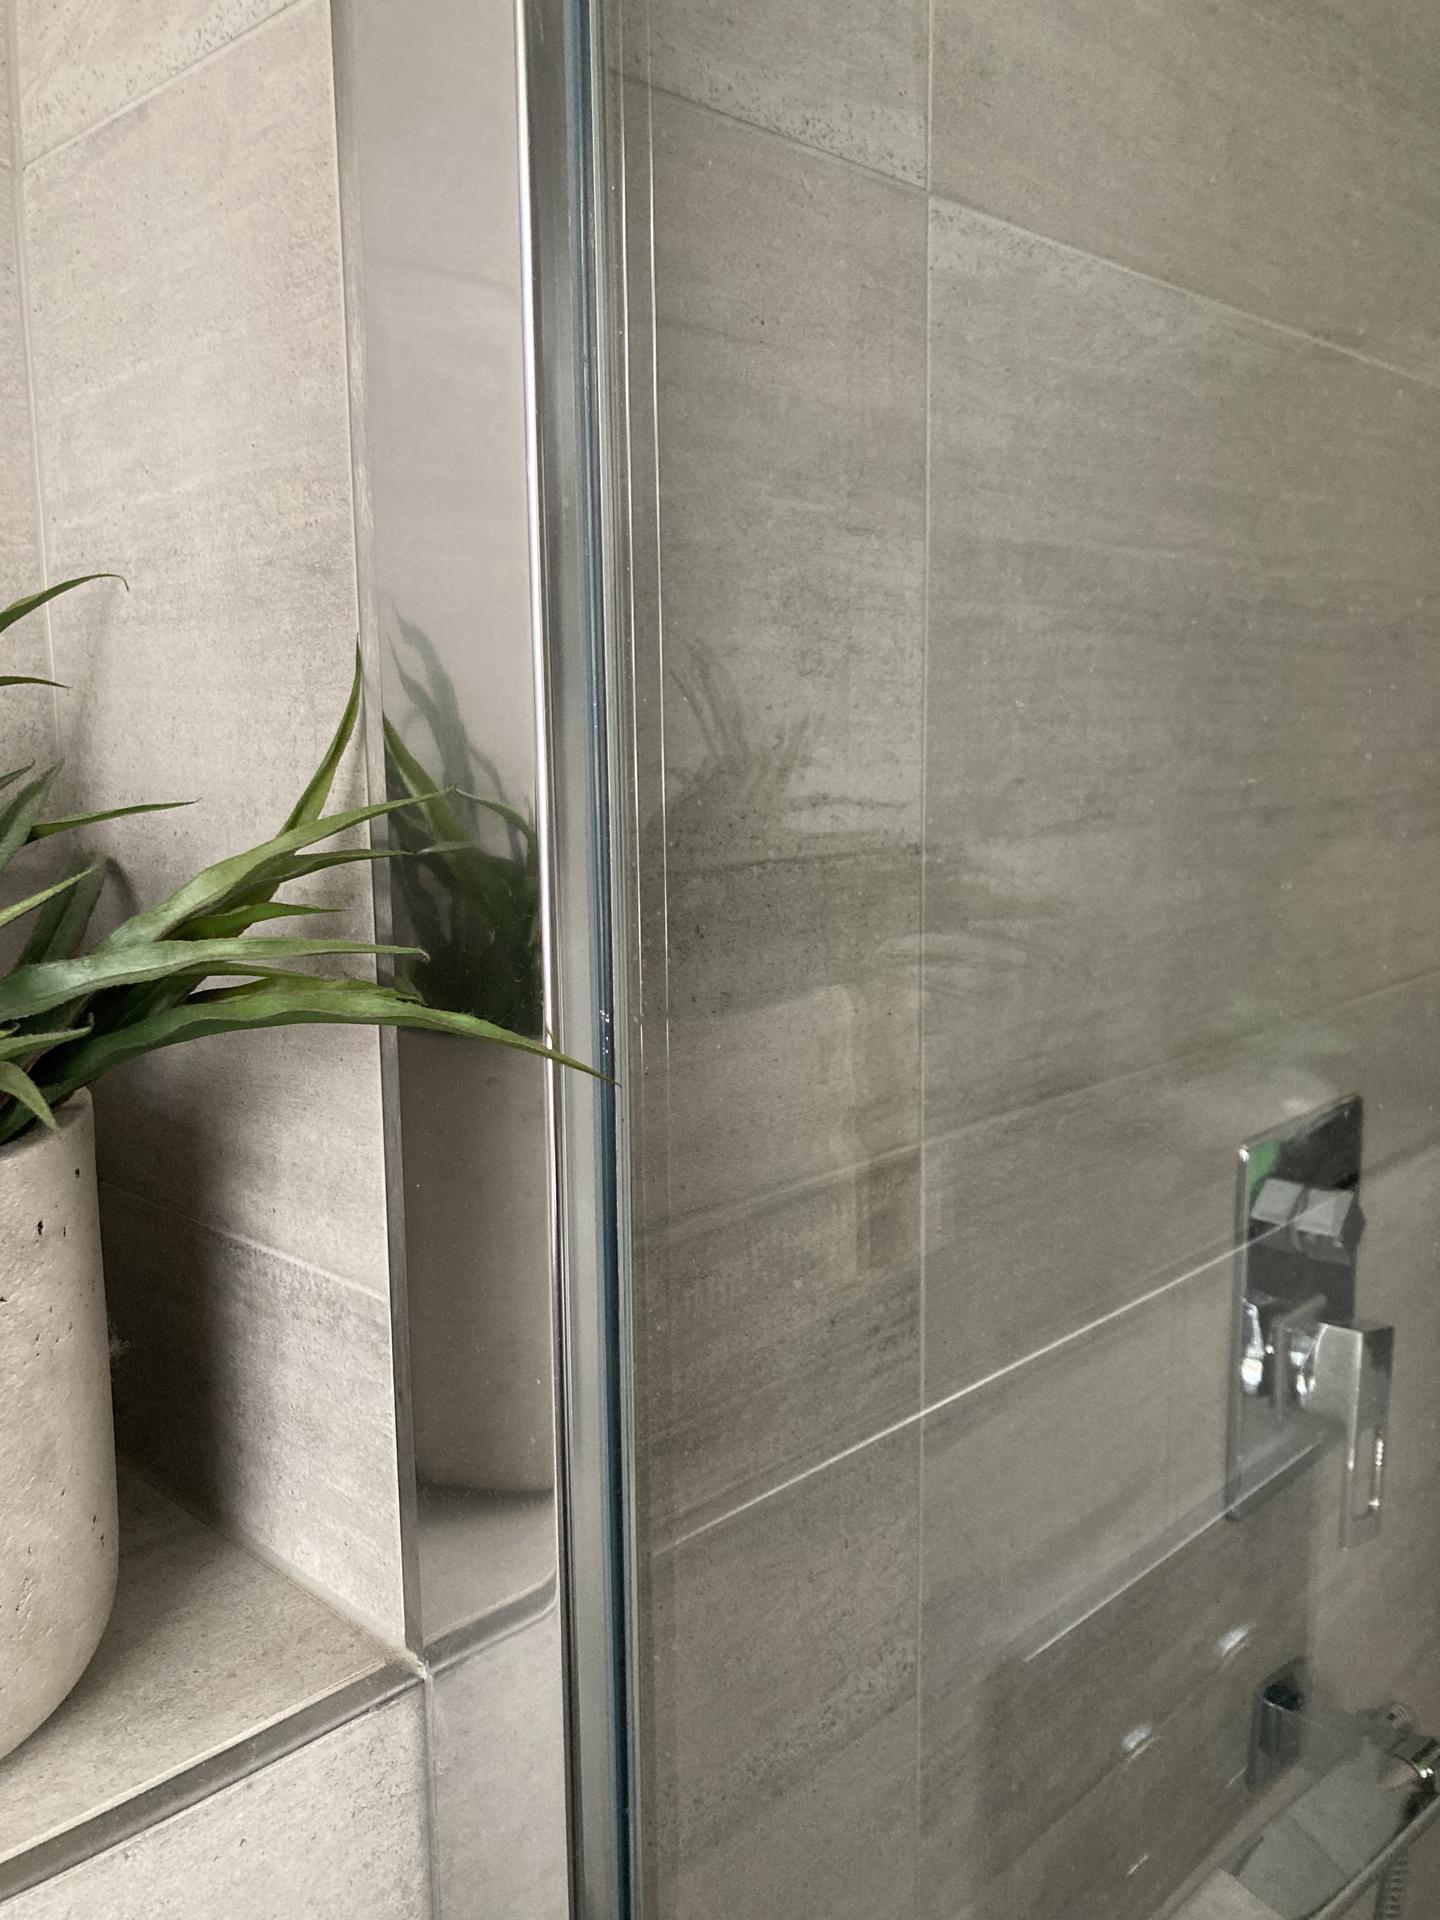 Pro @zinzin řešení soklu a sprchového koutu. - Obrázek č. 2